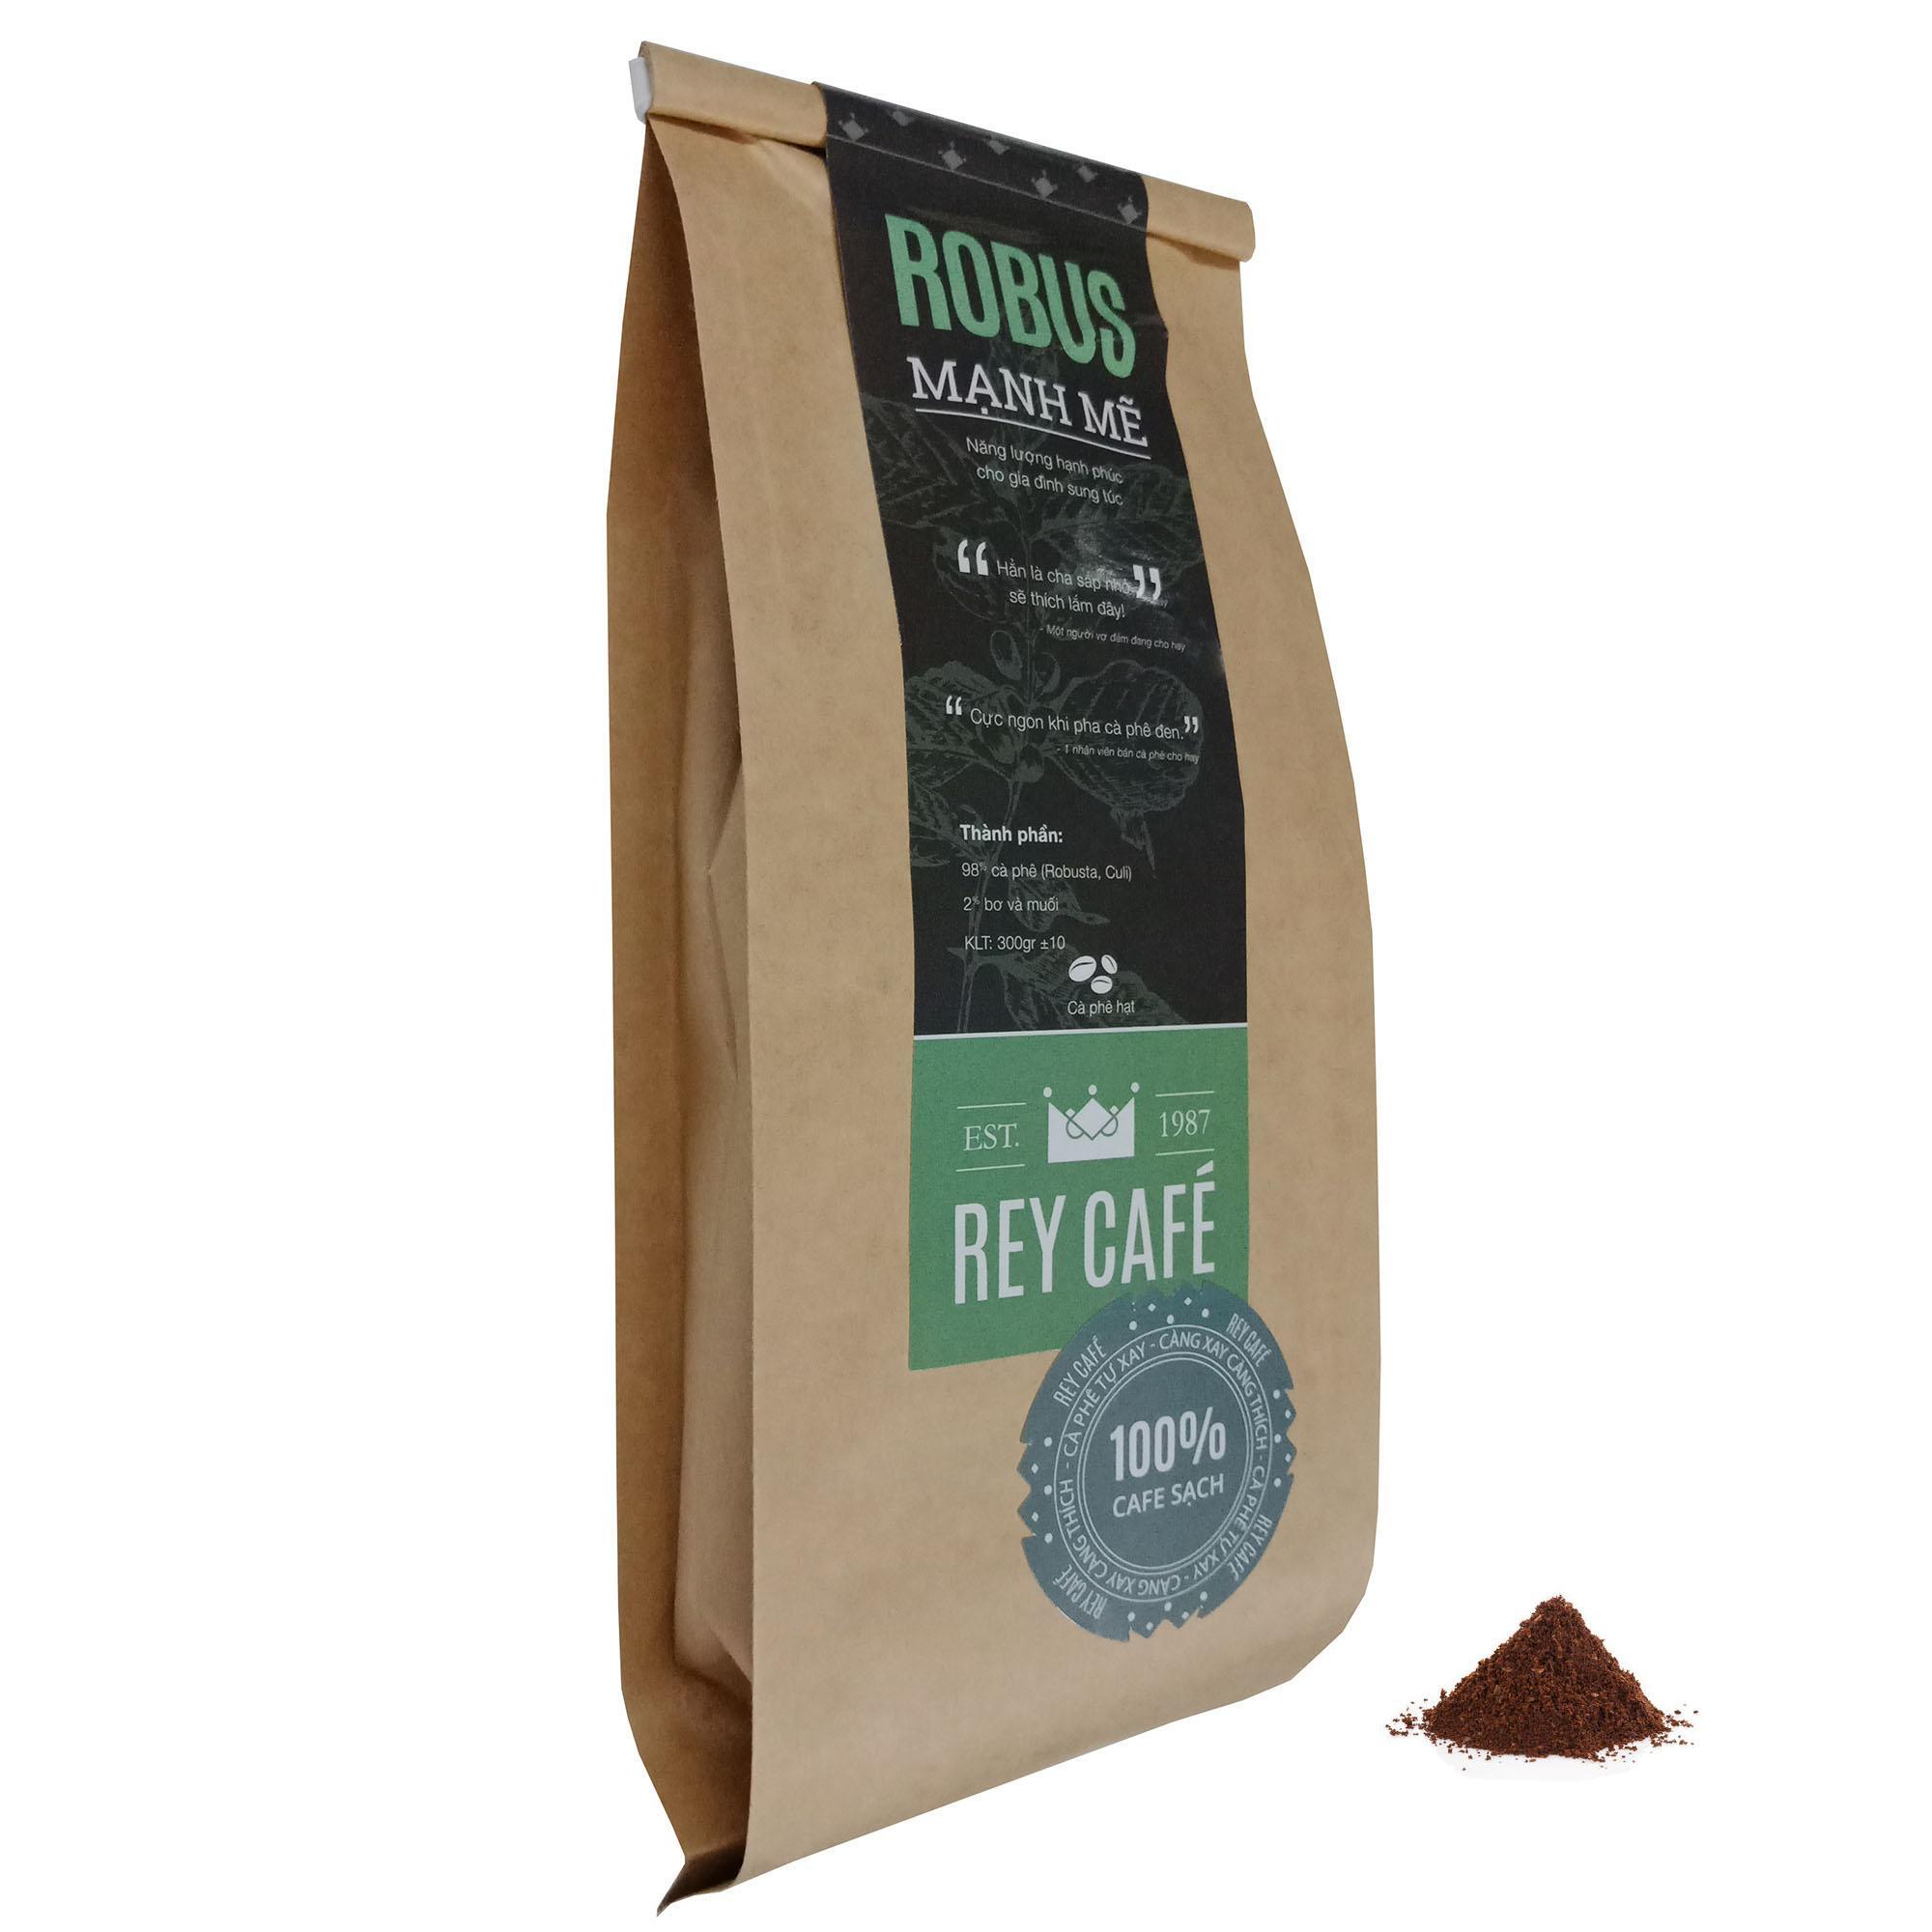 Rey Café – Robus Mạnh Mẽ – Dạng bột – Gói 300gr – Cà phê nguyên chất có bơ